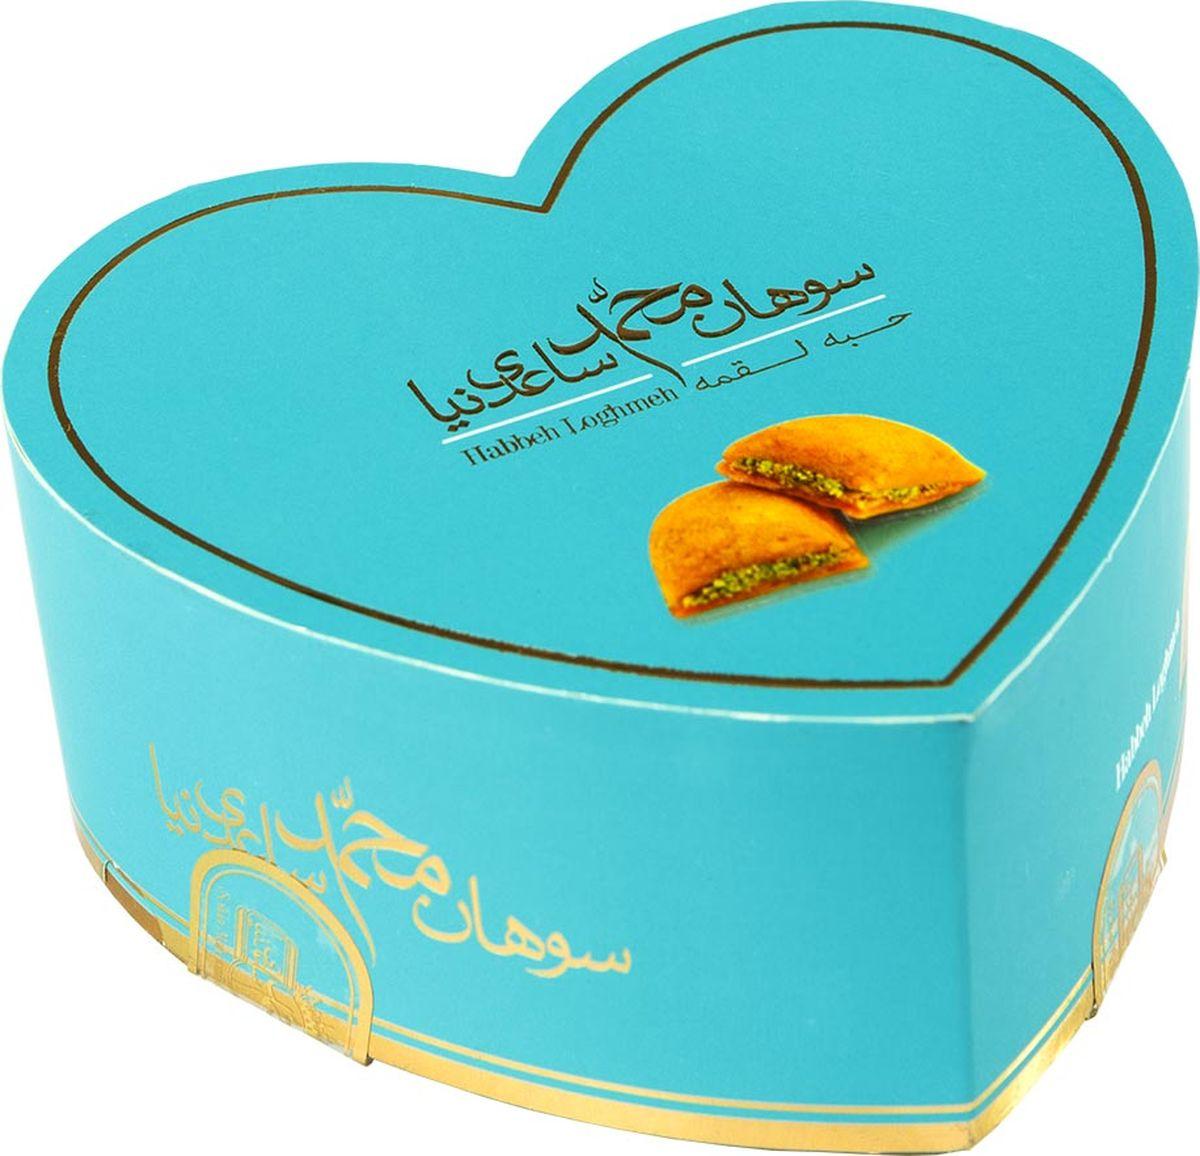 Sohan хаббе иранская сладость, 259 г6260008904913Сохан хаббе – это необыкновенное лакомство из Ирана. Одну из самых необычных восточных сладостей изготавливают из пророщенной пшеницы, ядрышек миндаля и фисташек и эссенции с нежным цветочным ароматом. Благодаря такому оригинальному сочетанию вкус иранской халвы получается просто удивительным и аналогов этому десерту нет.